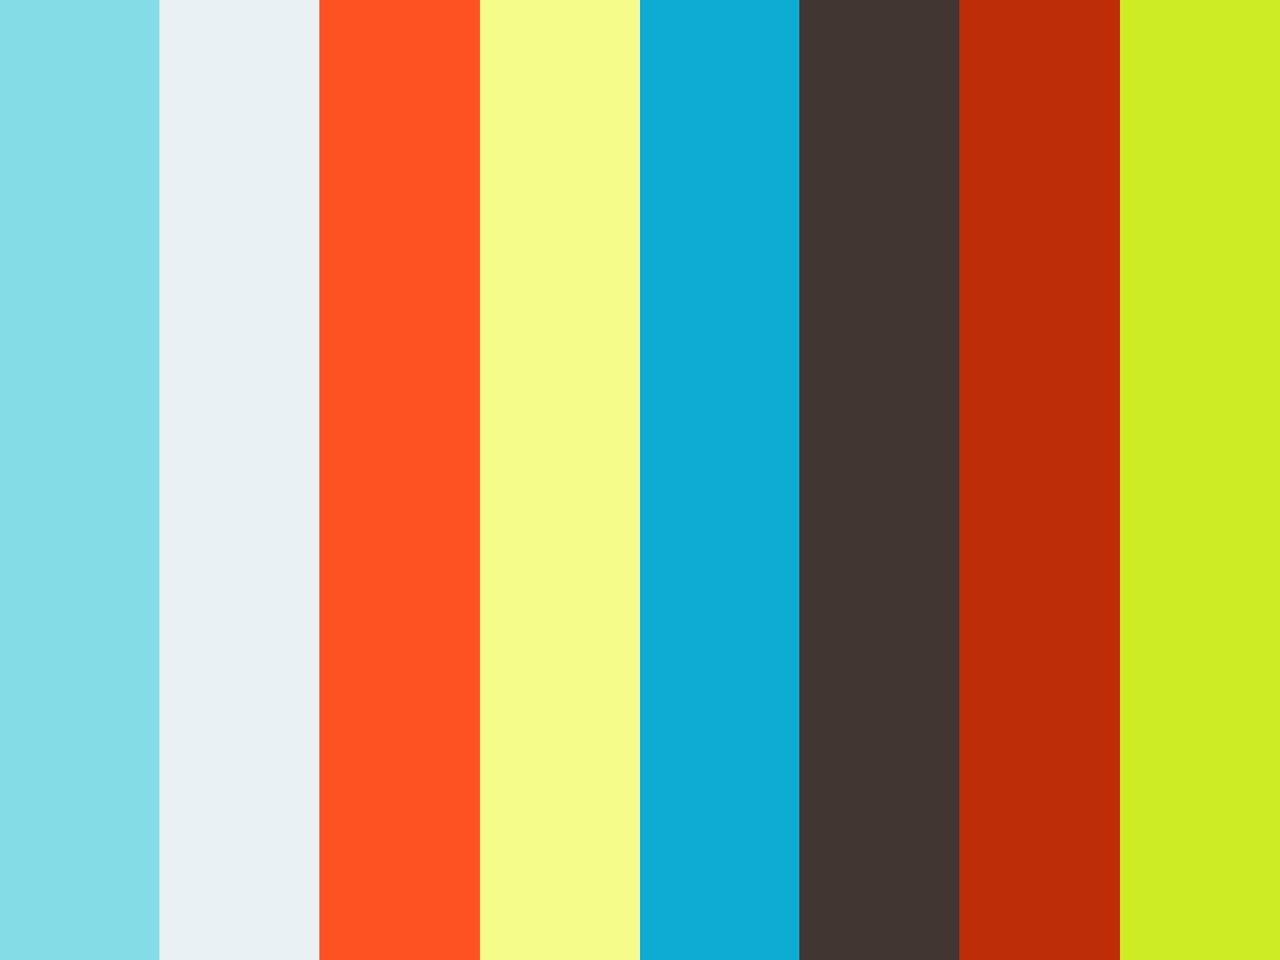 056 Color War Breakout